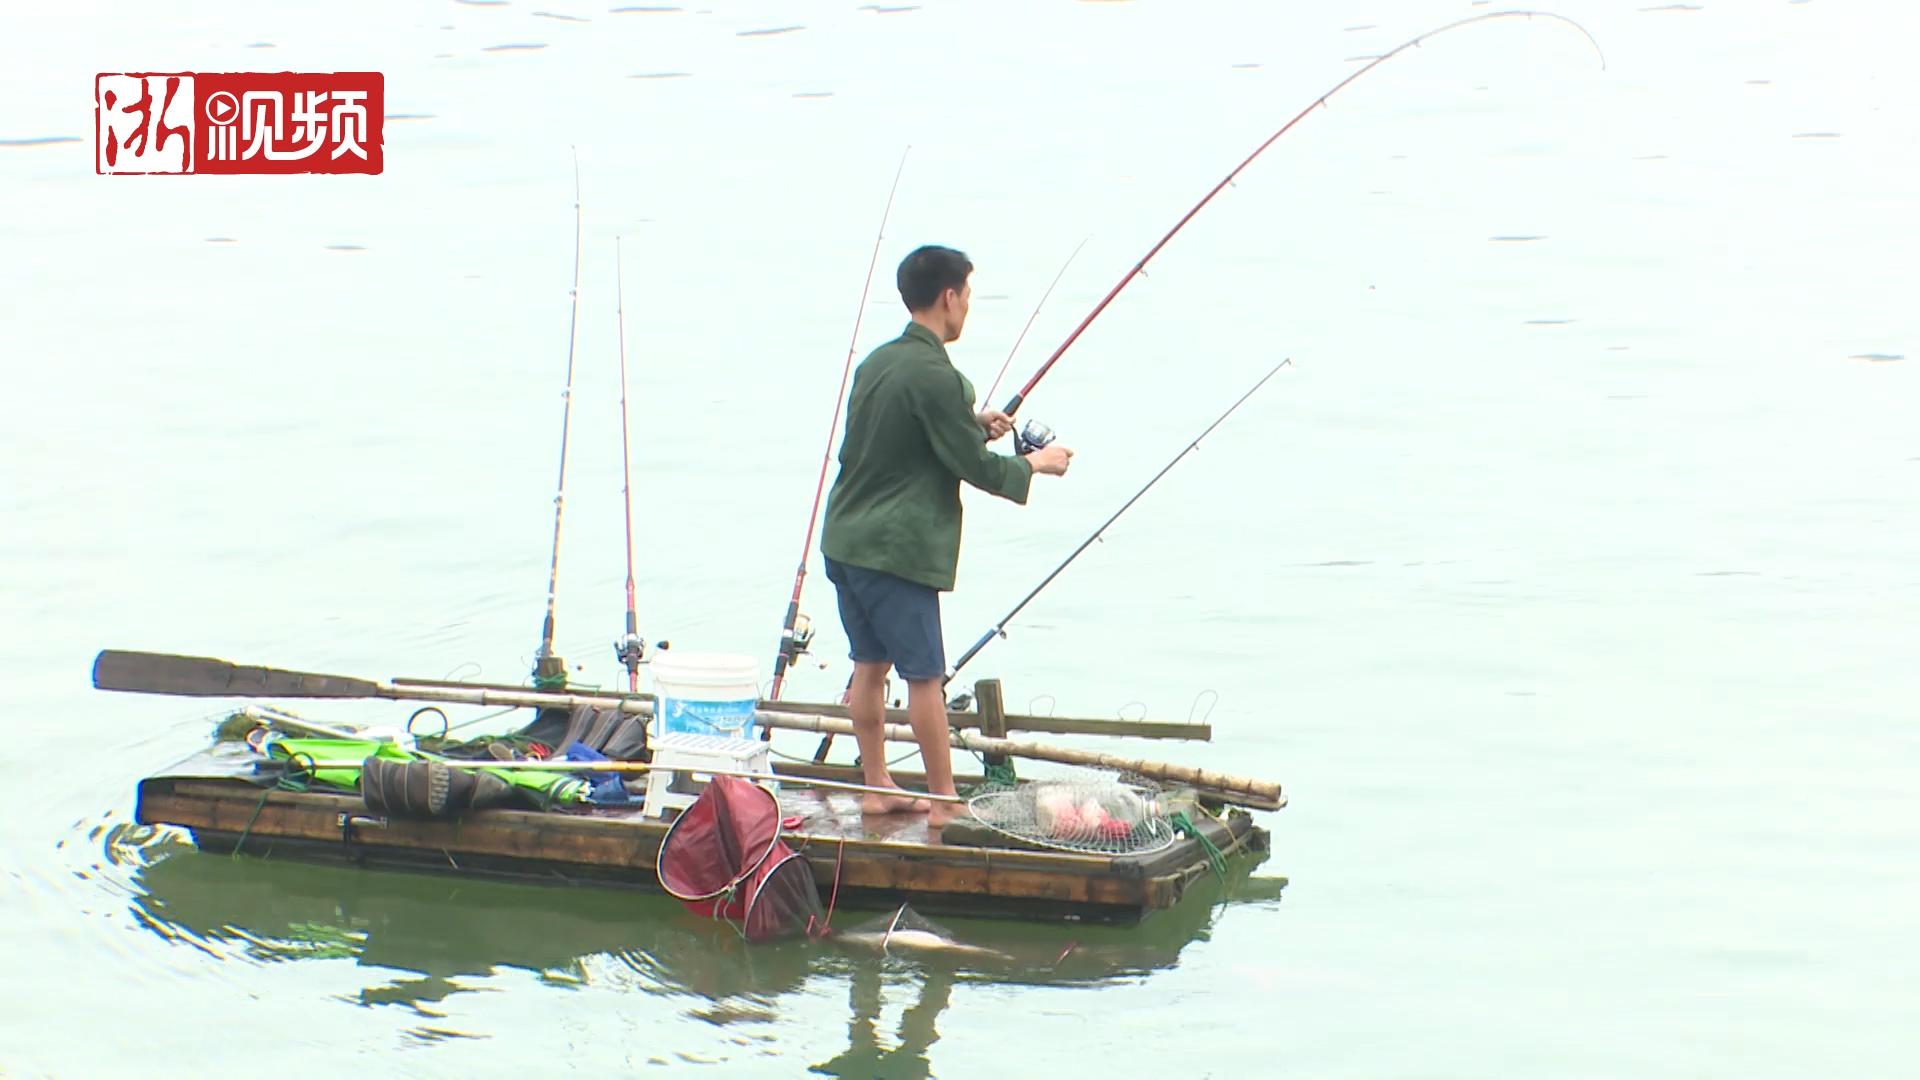 自制木排江中漂 桐庐富春江上这种奇葩钓鱼法很危险!